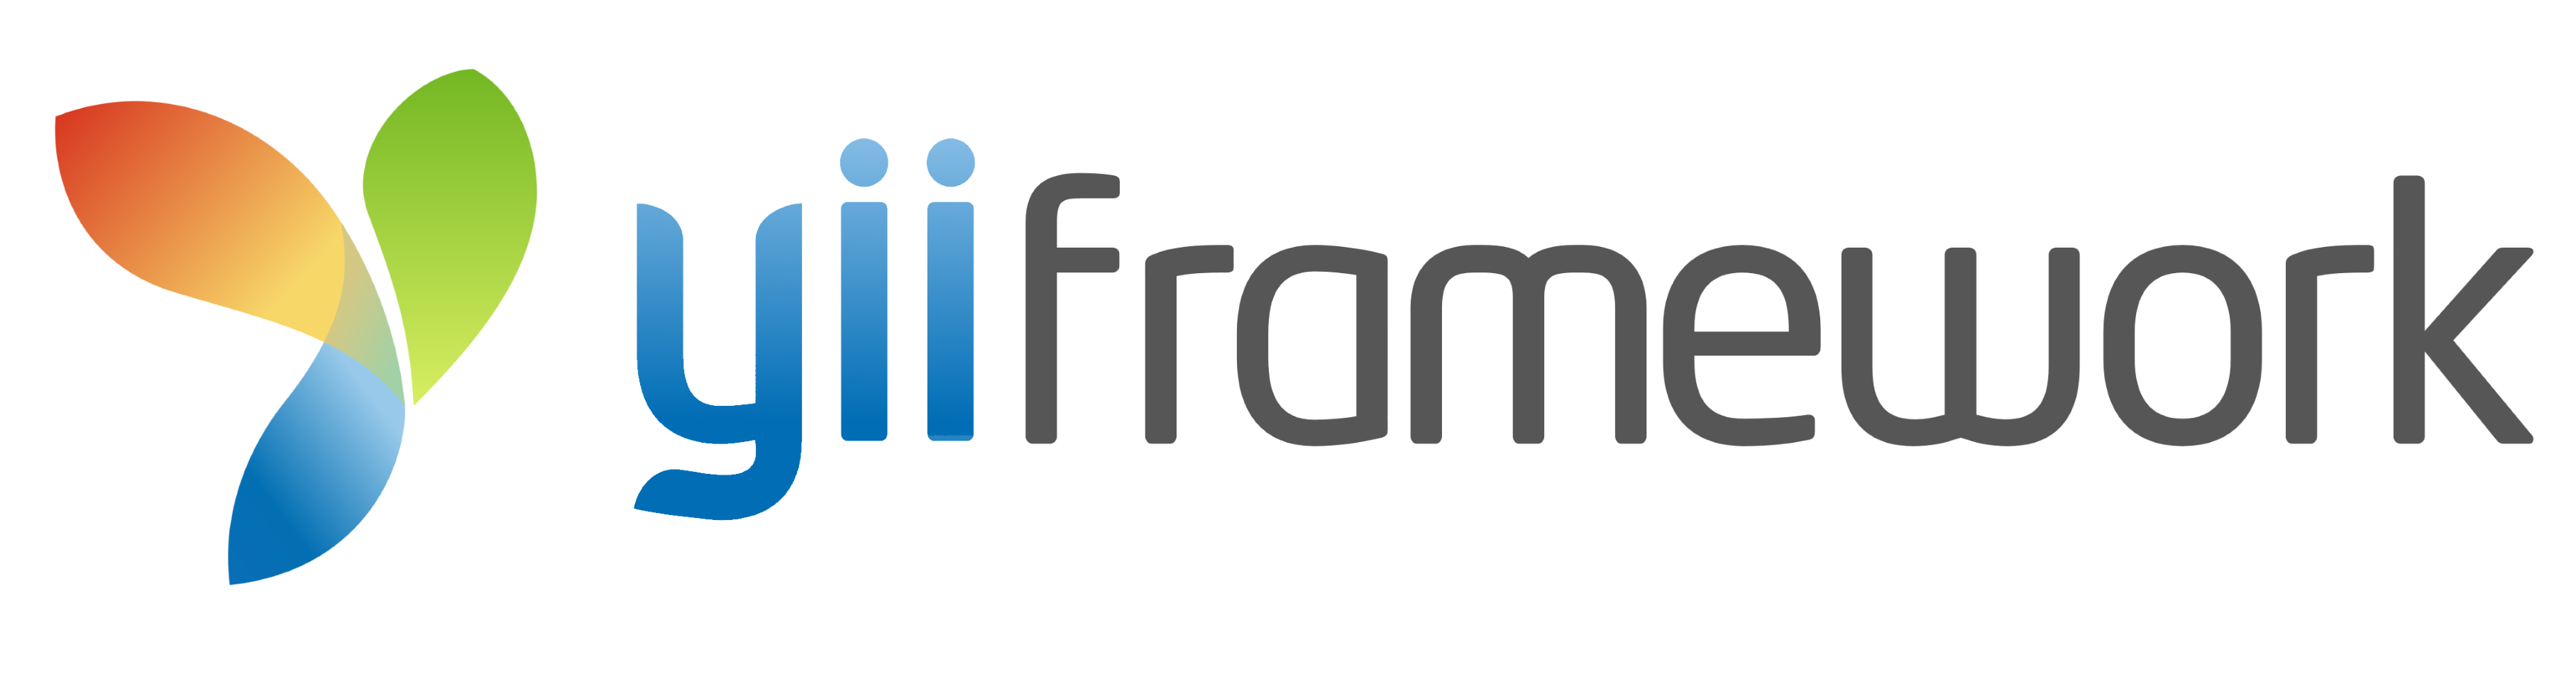 Yii_Framework_logo_logotype